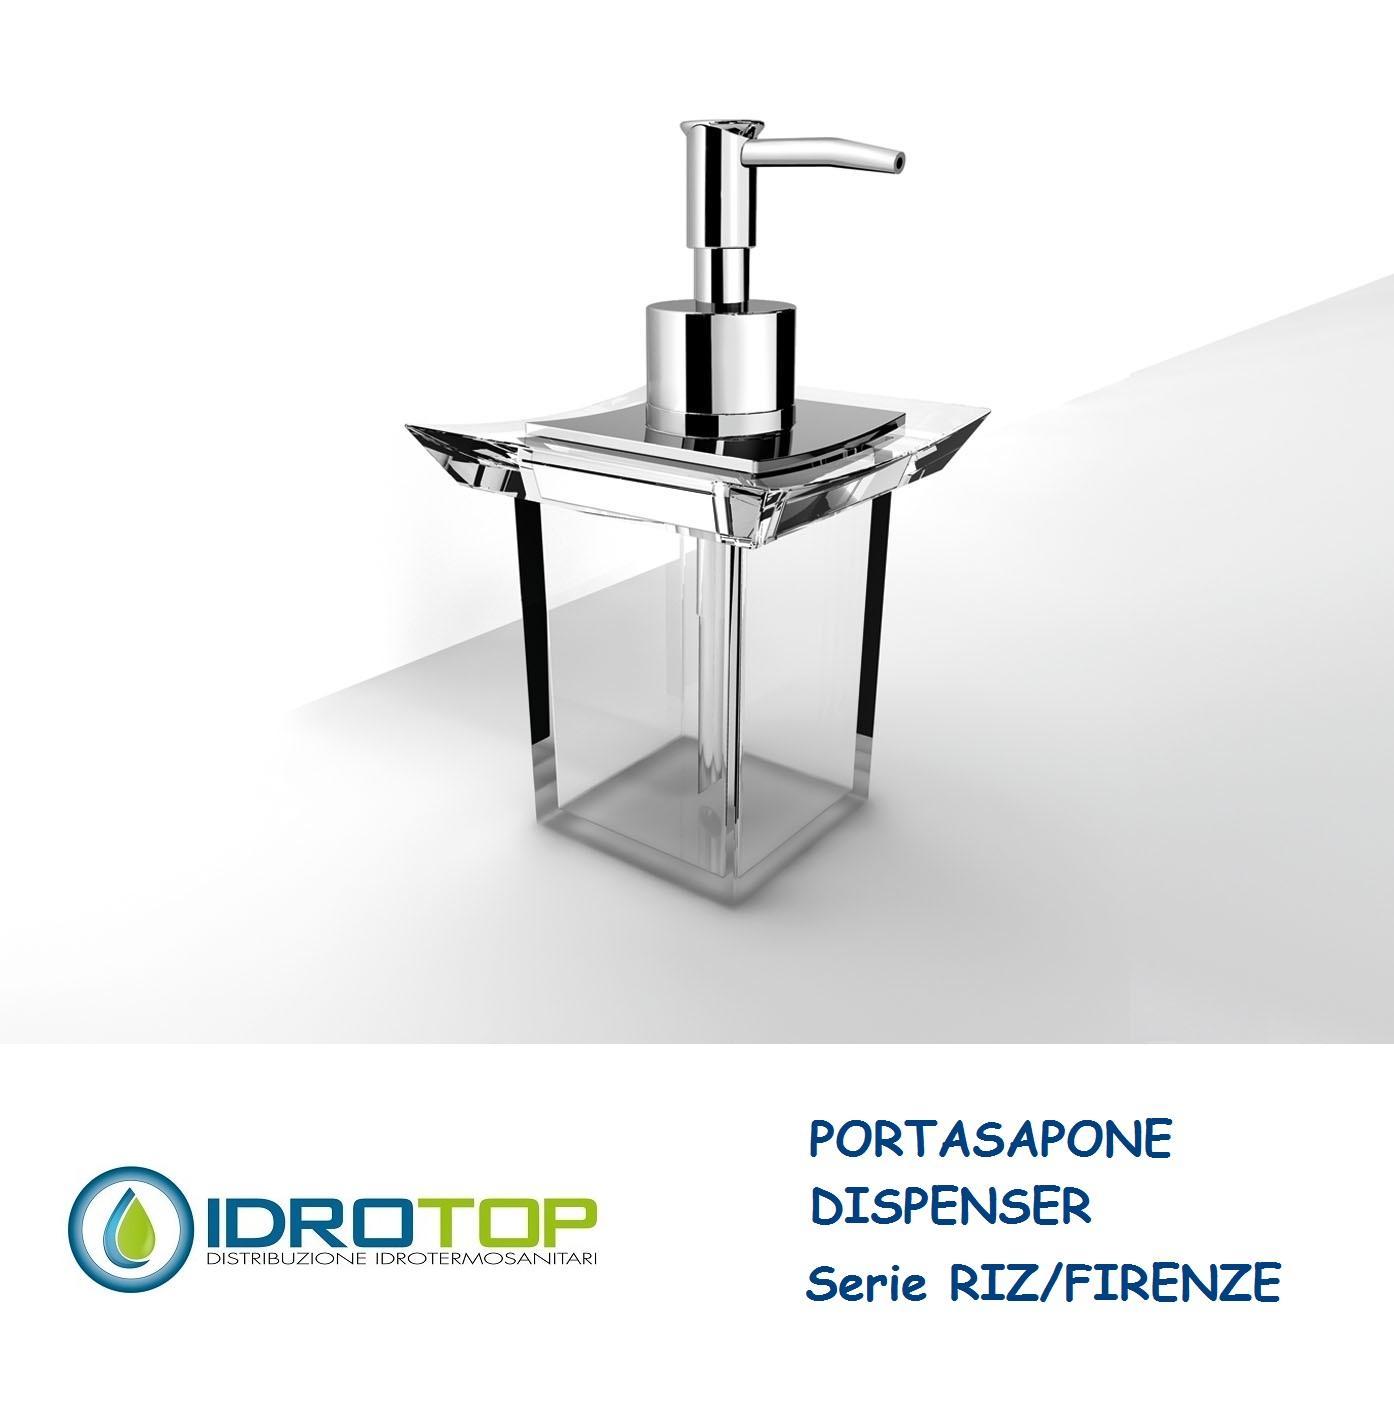 Portasapone RIZ//FIRENZE in Acrilico Trasparente Ibb FI21A